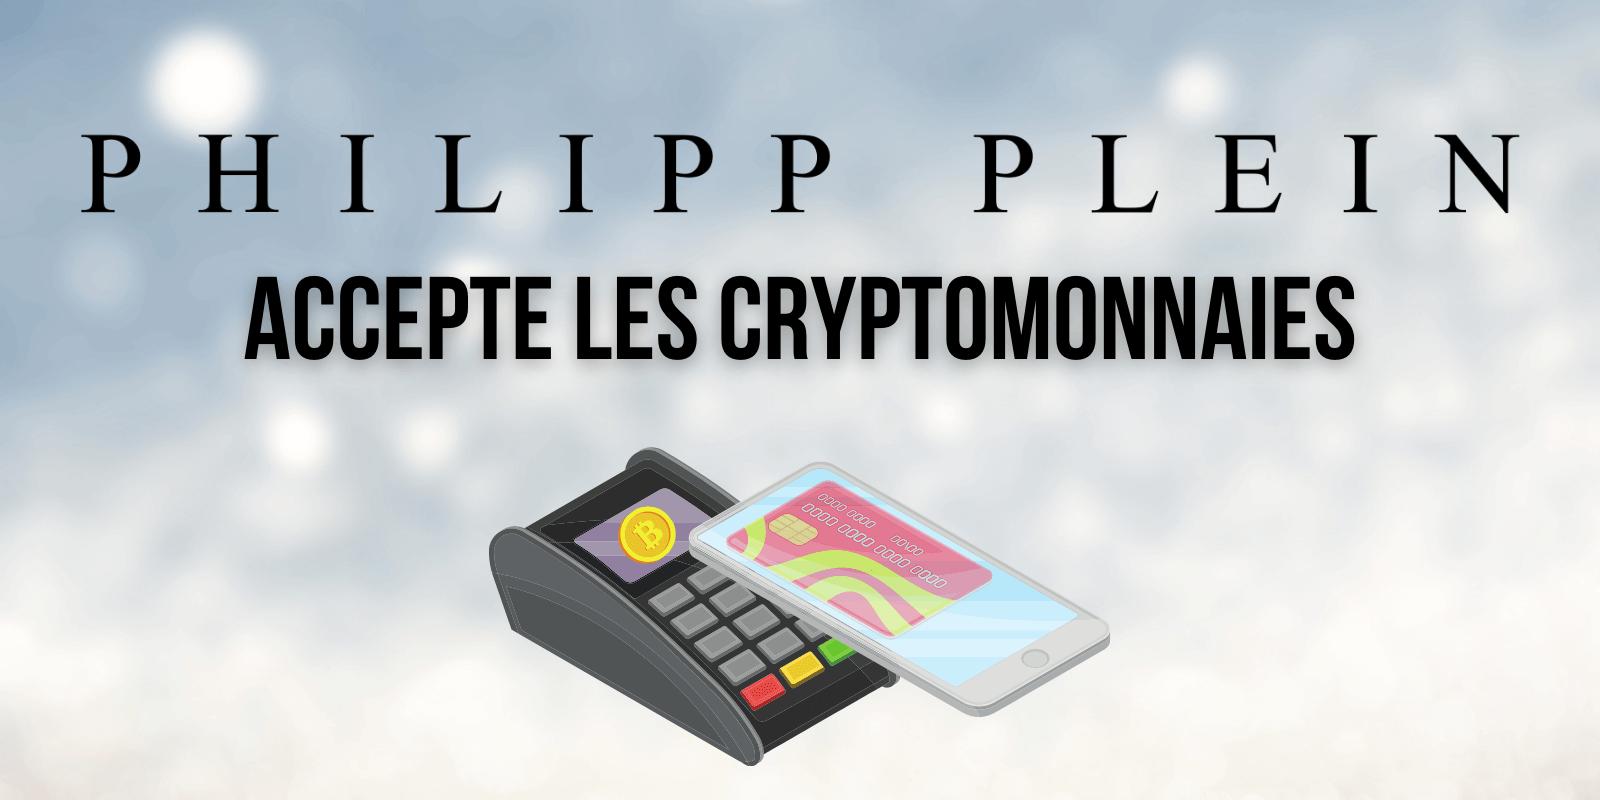 Philipp Plein devient la première marque de vêtements de luxe à accepter les cryptomonnaies